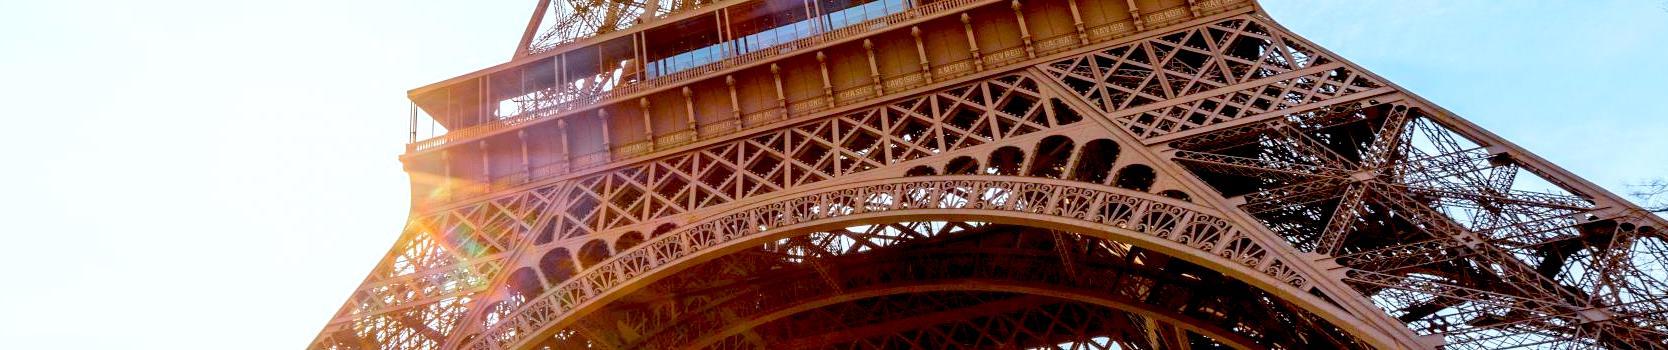 French Eiffel Tower